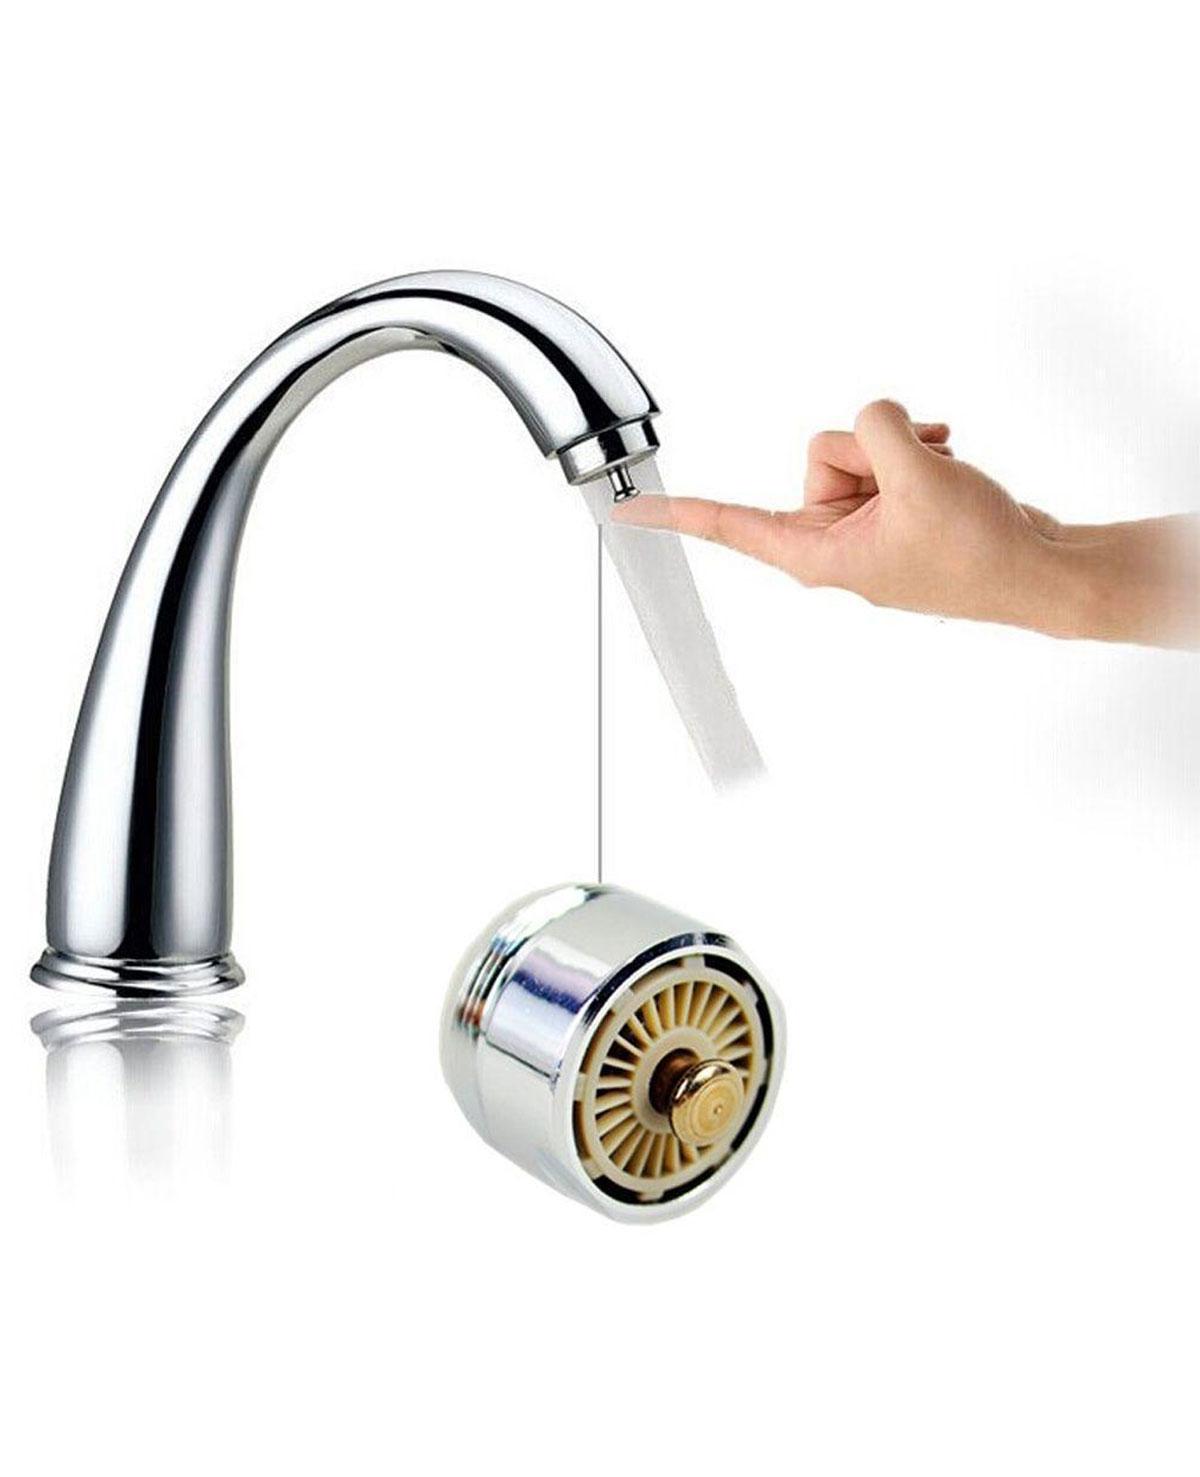 Ahorrador de agua one touch importaciones west - Ahorrador de agua ...